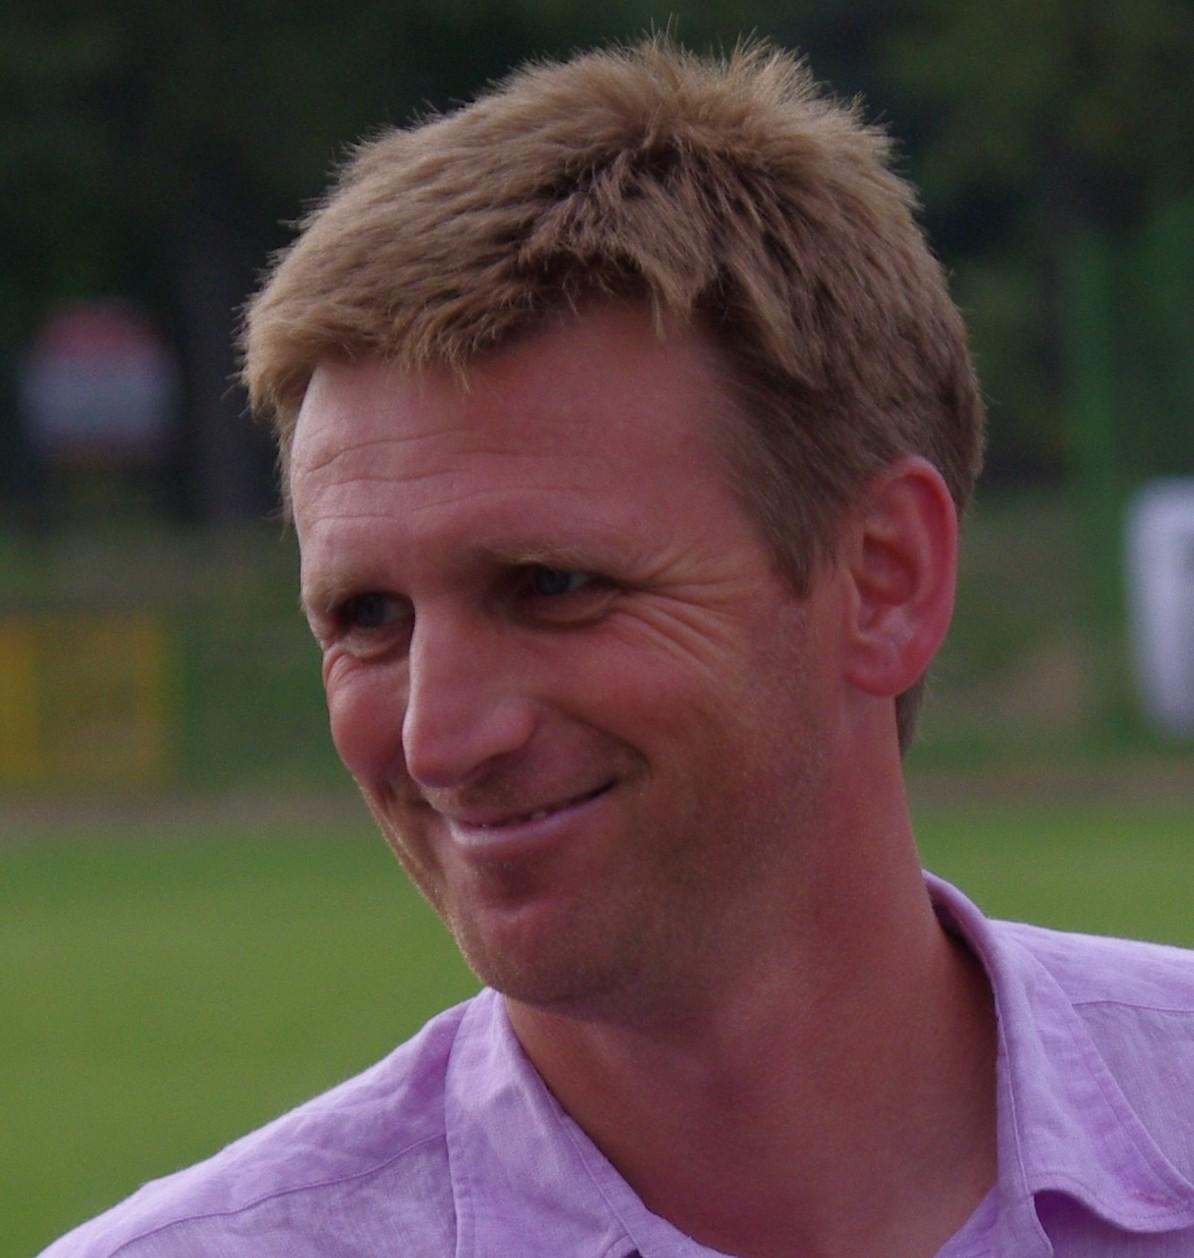 Sergiusz Wiechowski